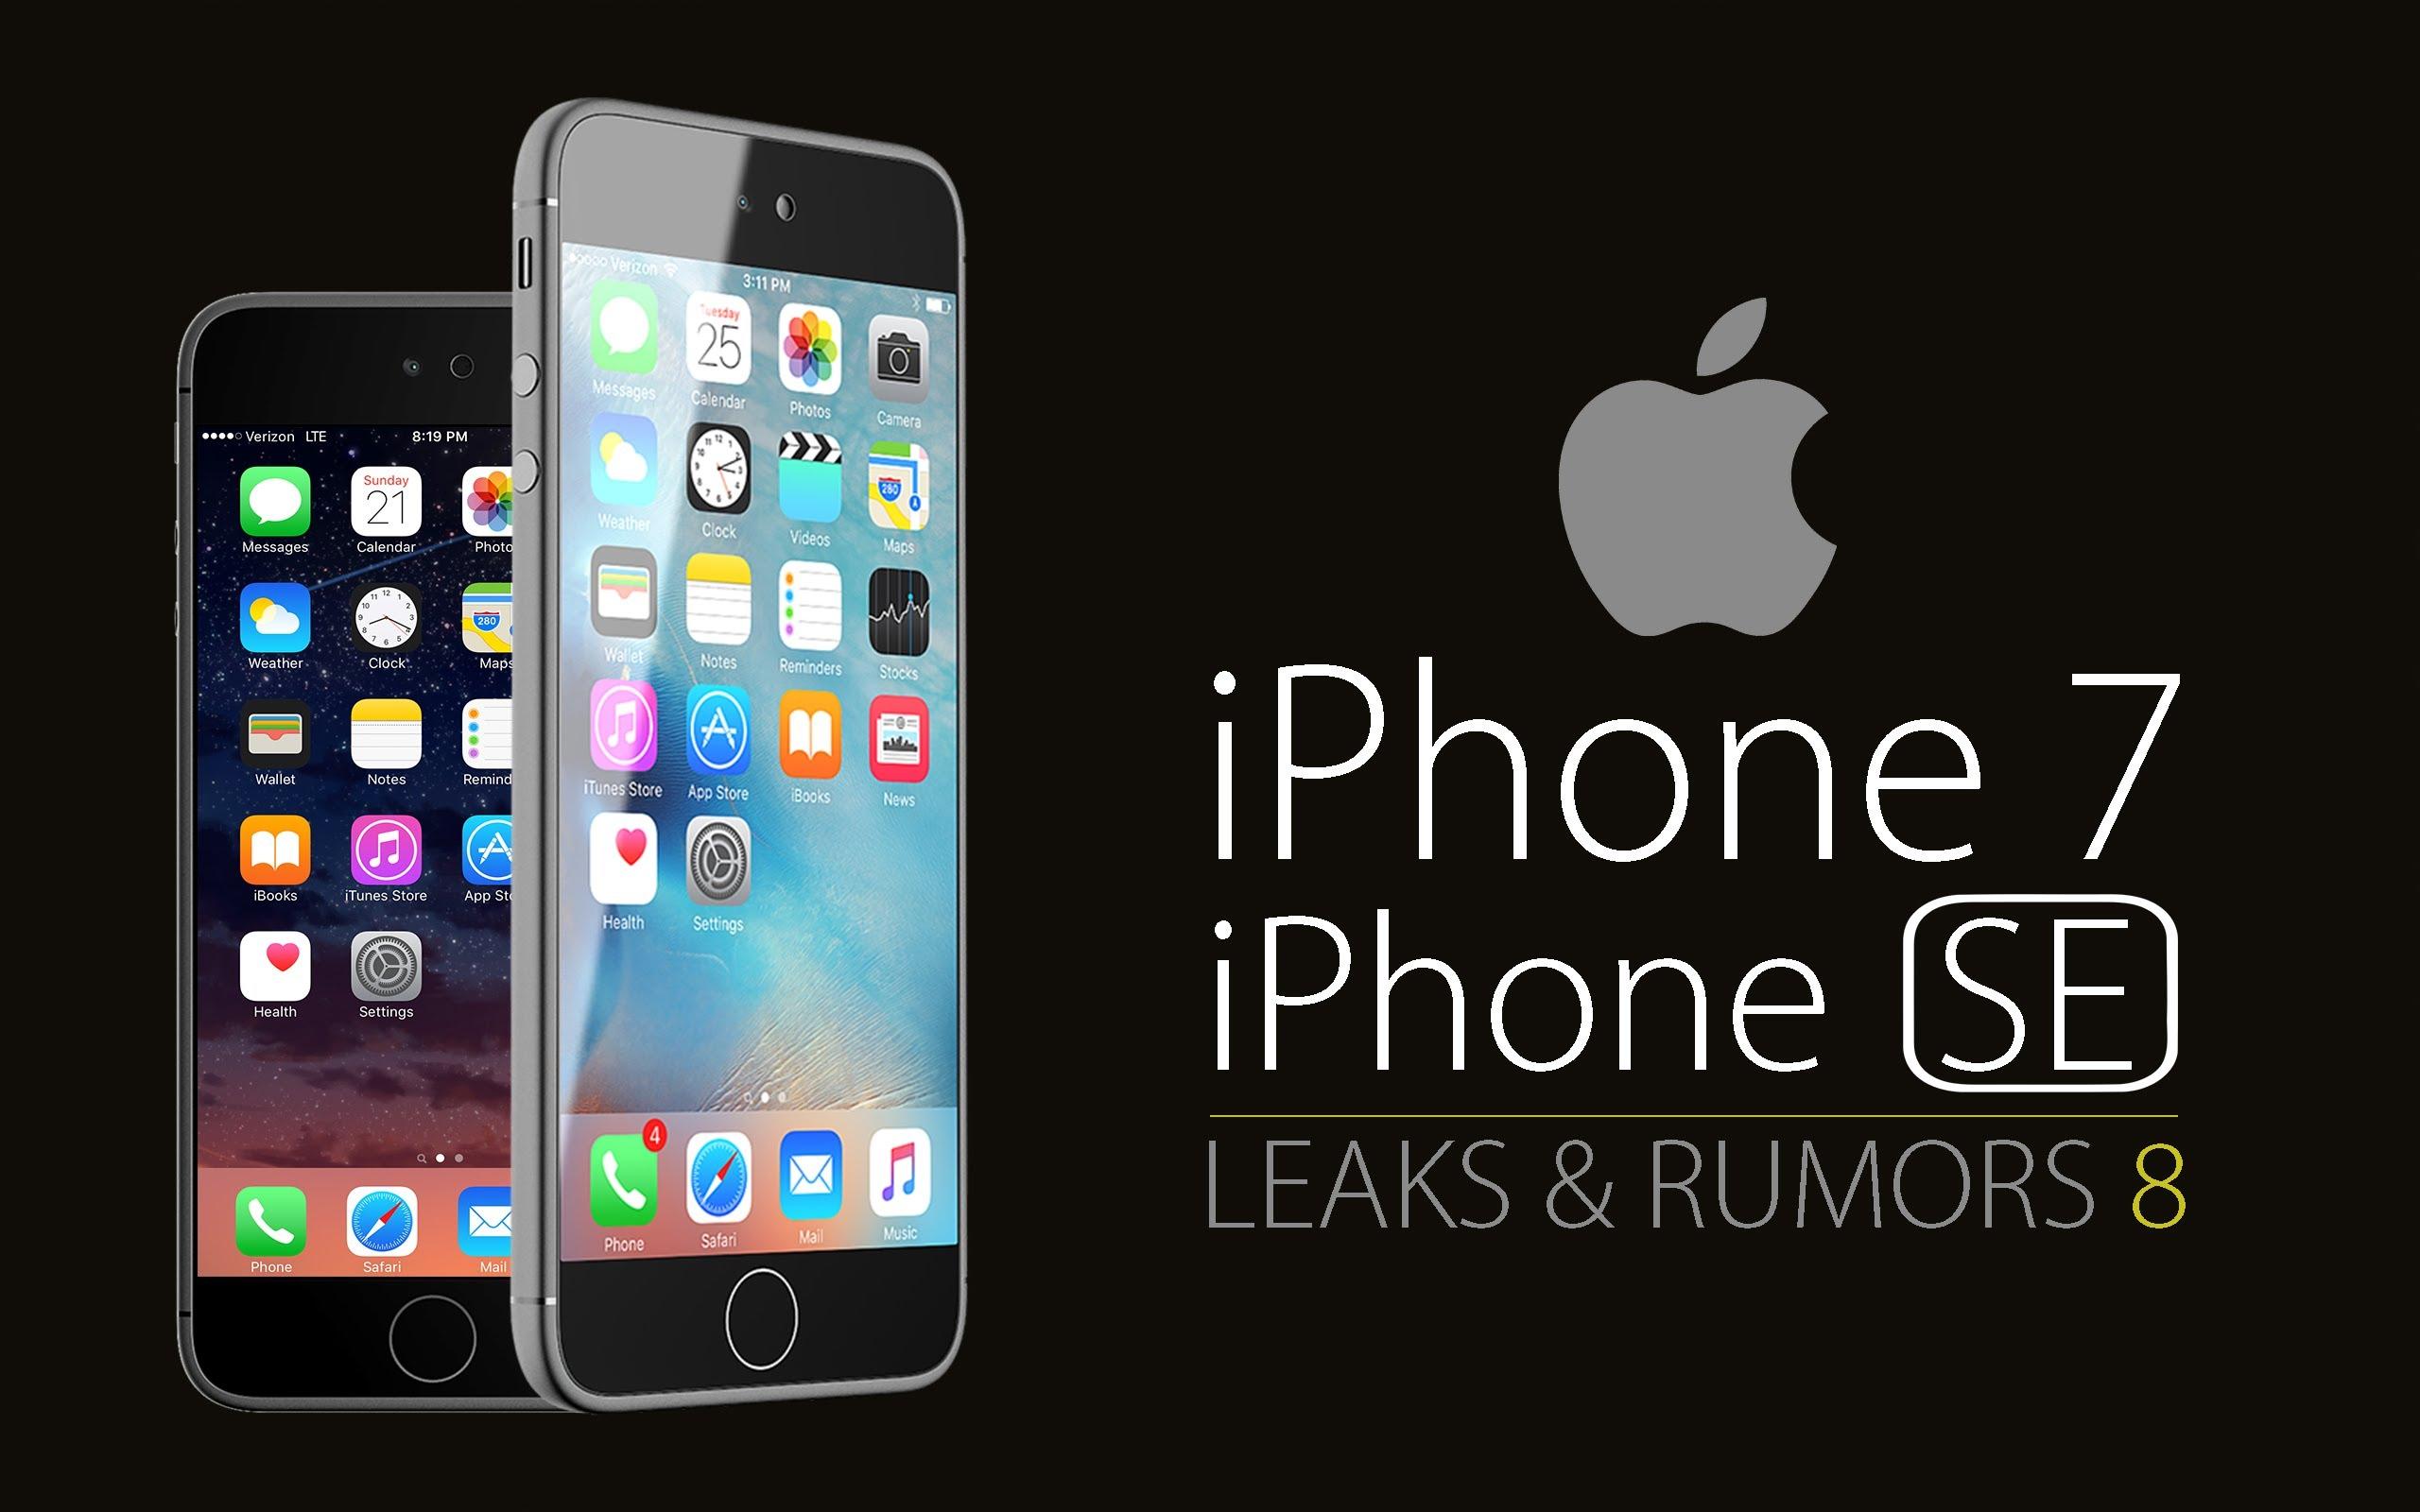 même Apple n'échappe plus aux fuites et rumeurs